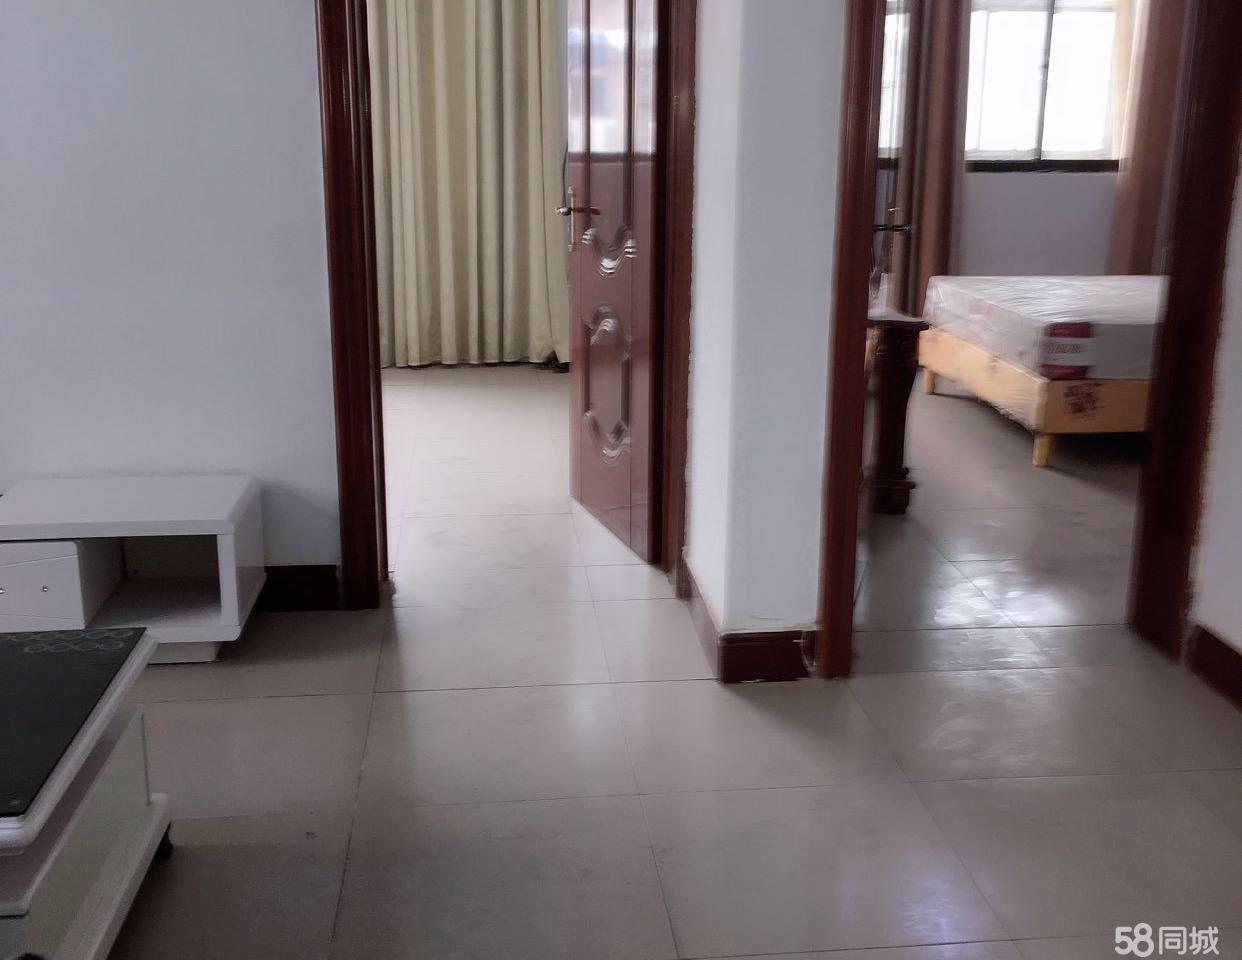 粮食局家属院3室 1厅 1卫